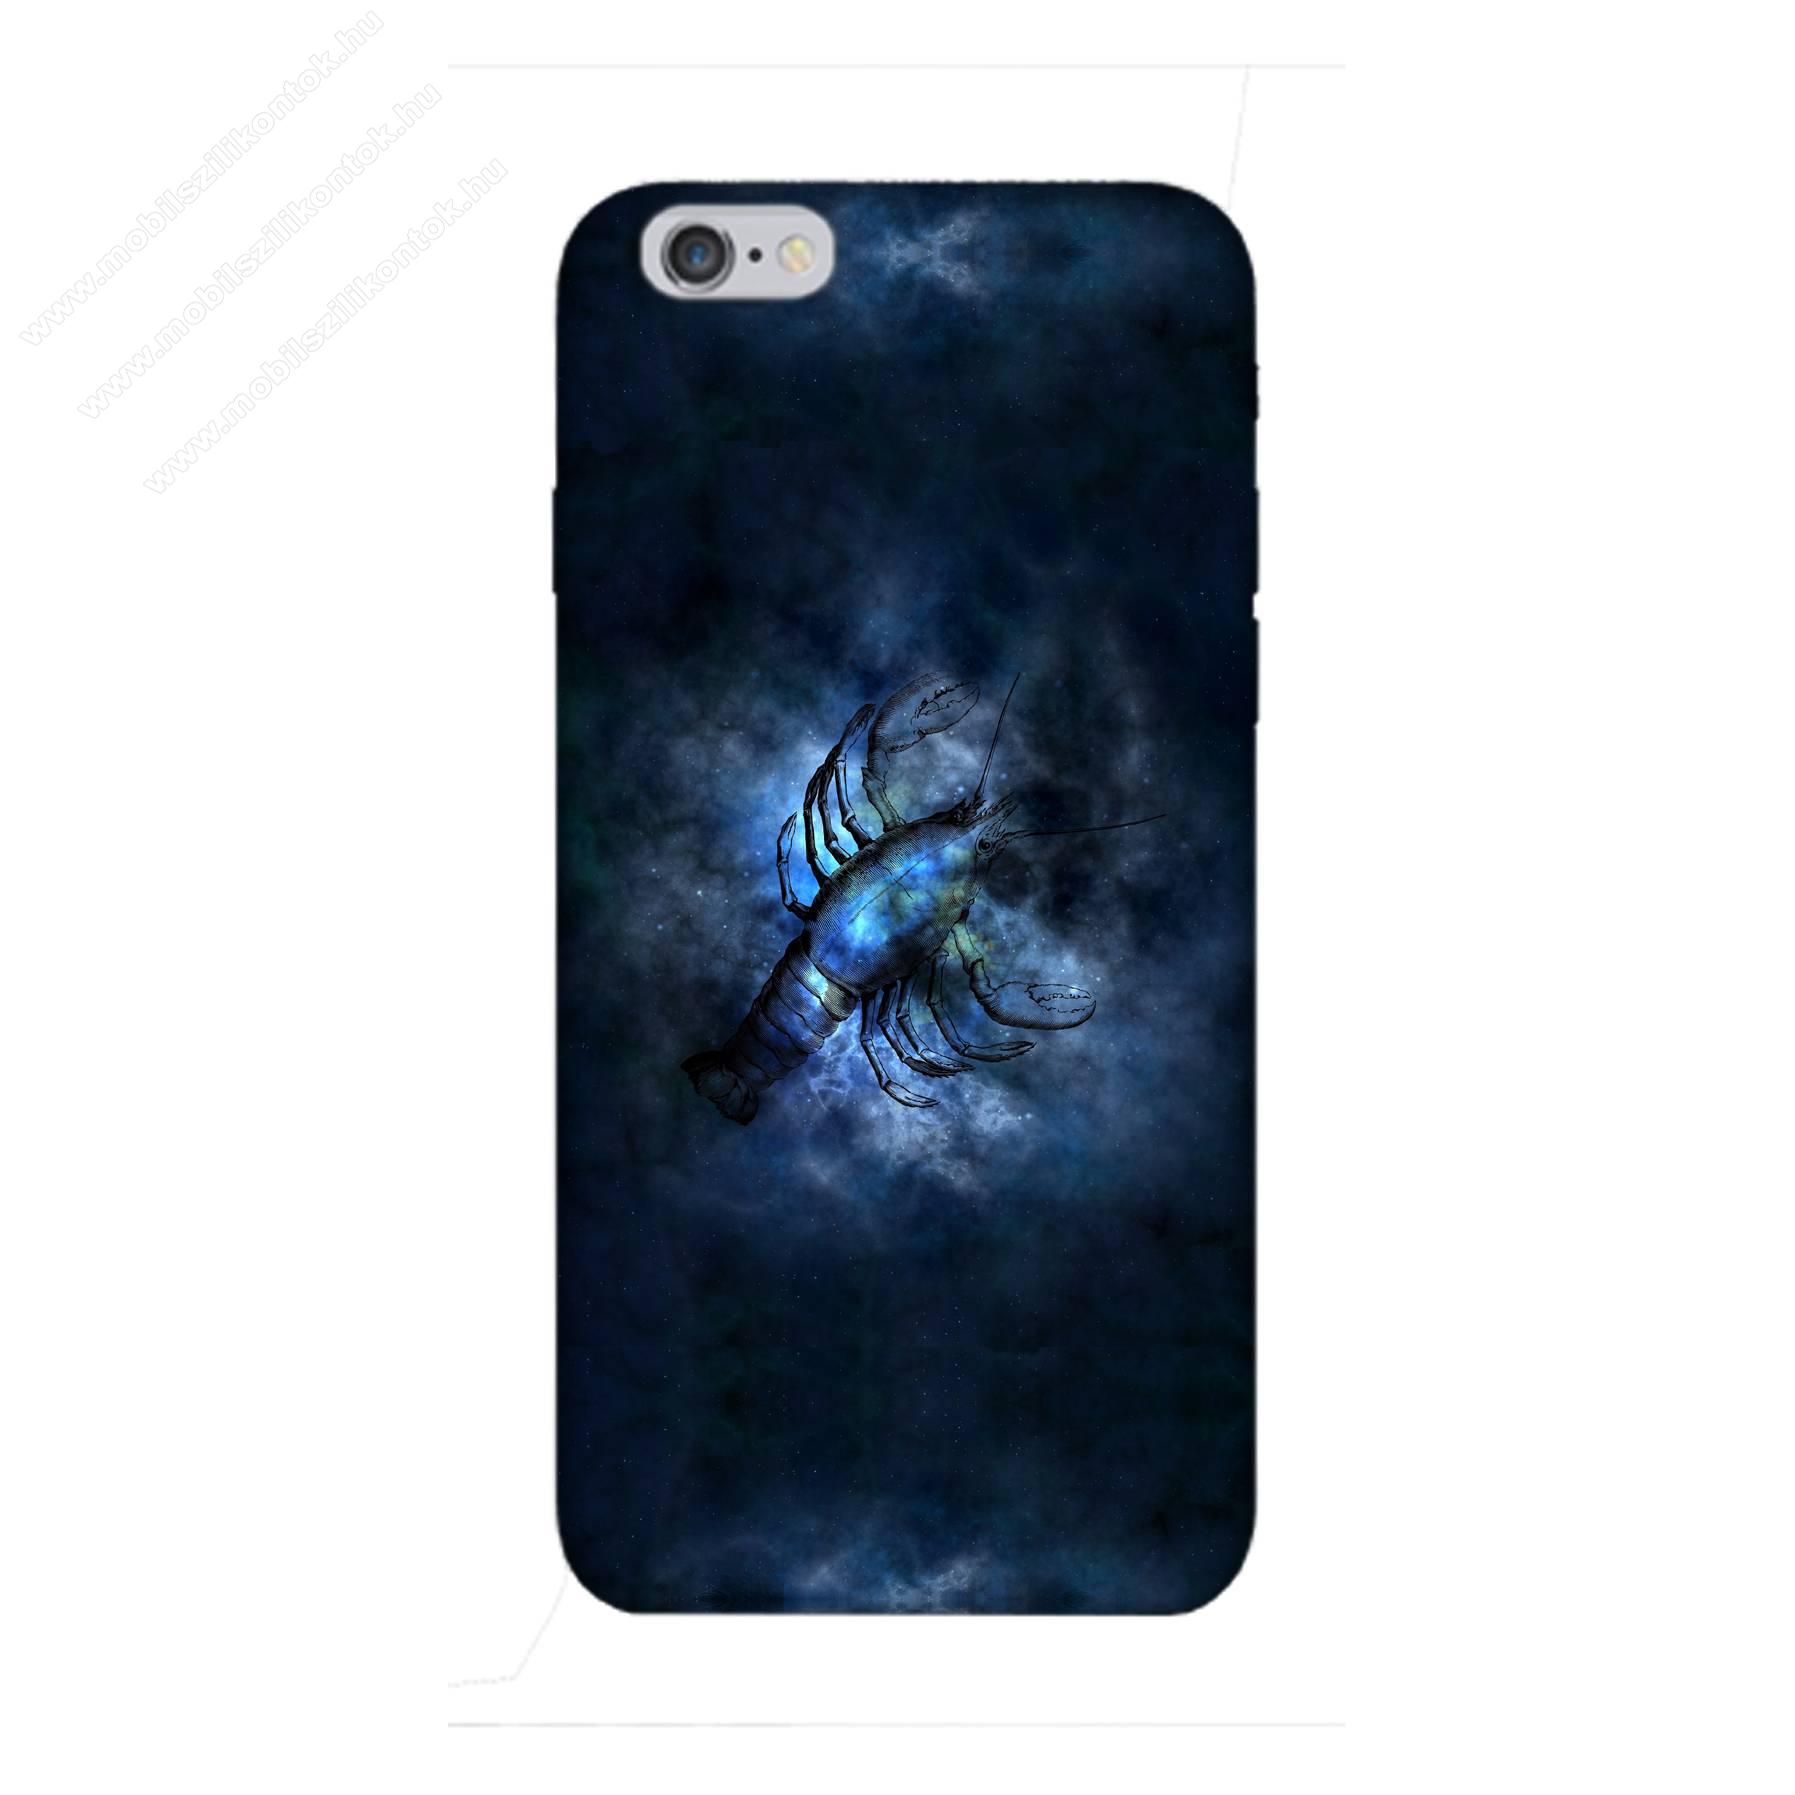 E-pic szilikon védő tok / hátlap - Horoszkóp, Rák mintás - APPLE iPhone 6 Plus / APPLE iPhone 6s Plus